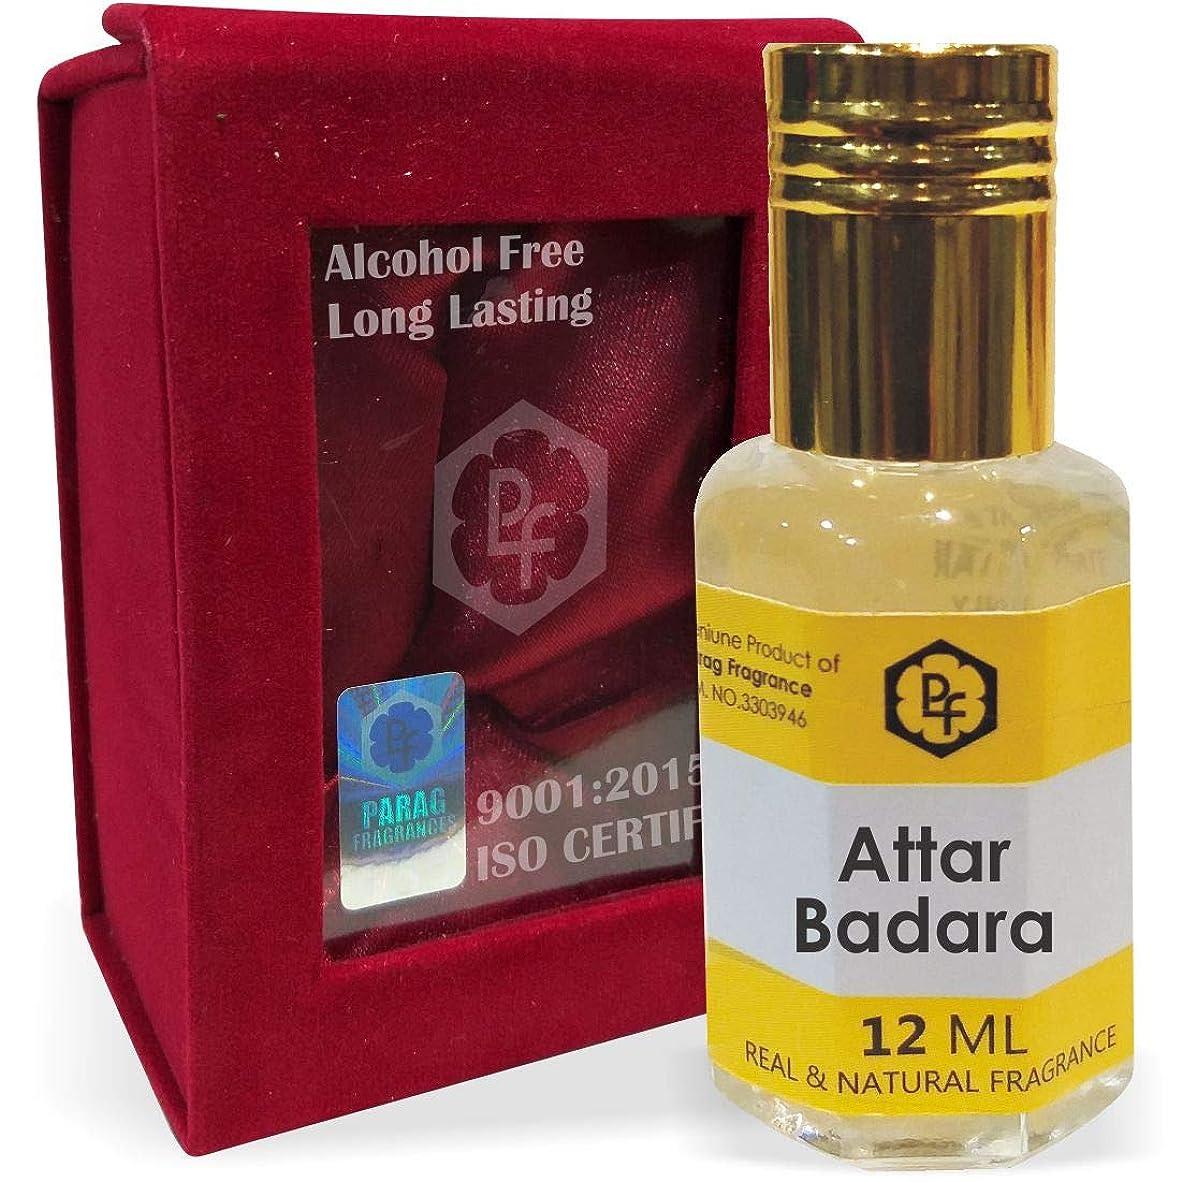 流用するシェーバー重大手作りのベルベットボックスParagフレグランスBadara 12ミリリットルアター/香油/(インドの伝統的なBhapka処理方法により、インド製)フレグランスオイル|アターITRA最高の品質長持ち